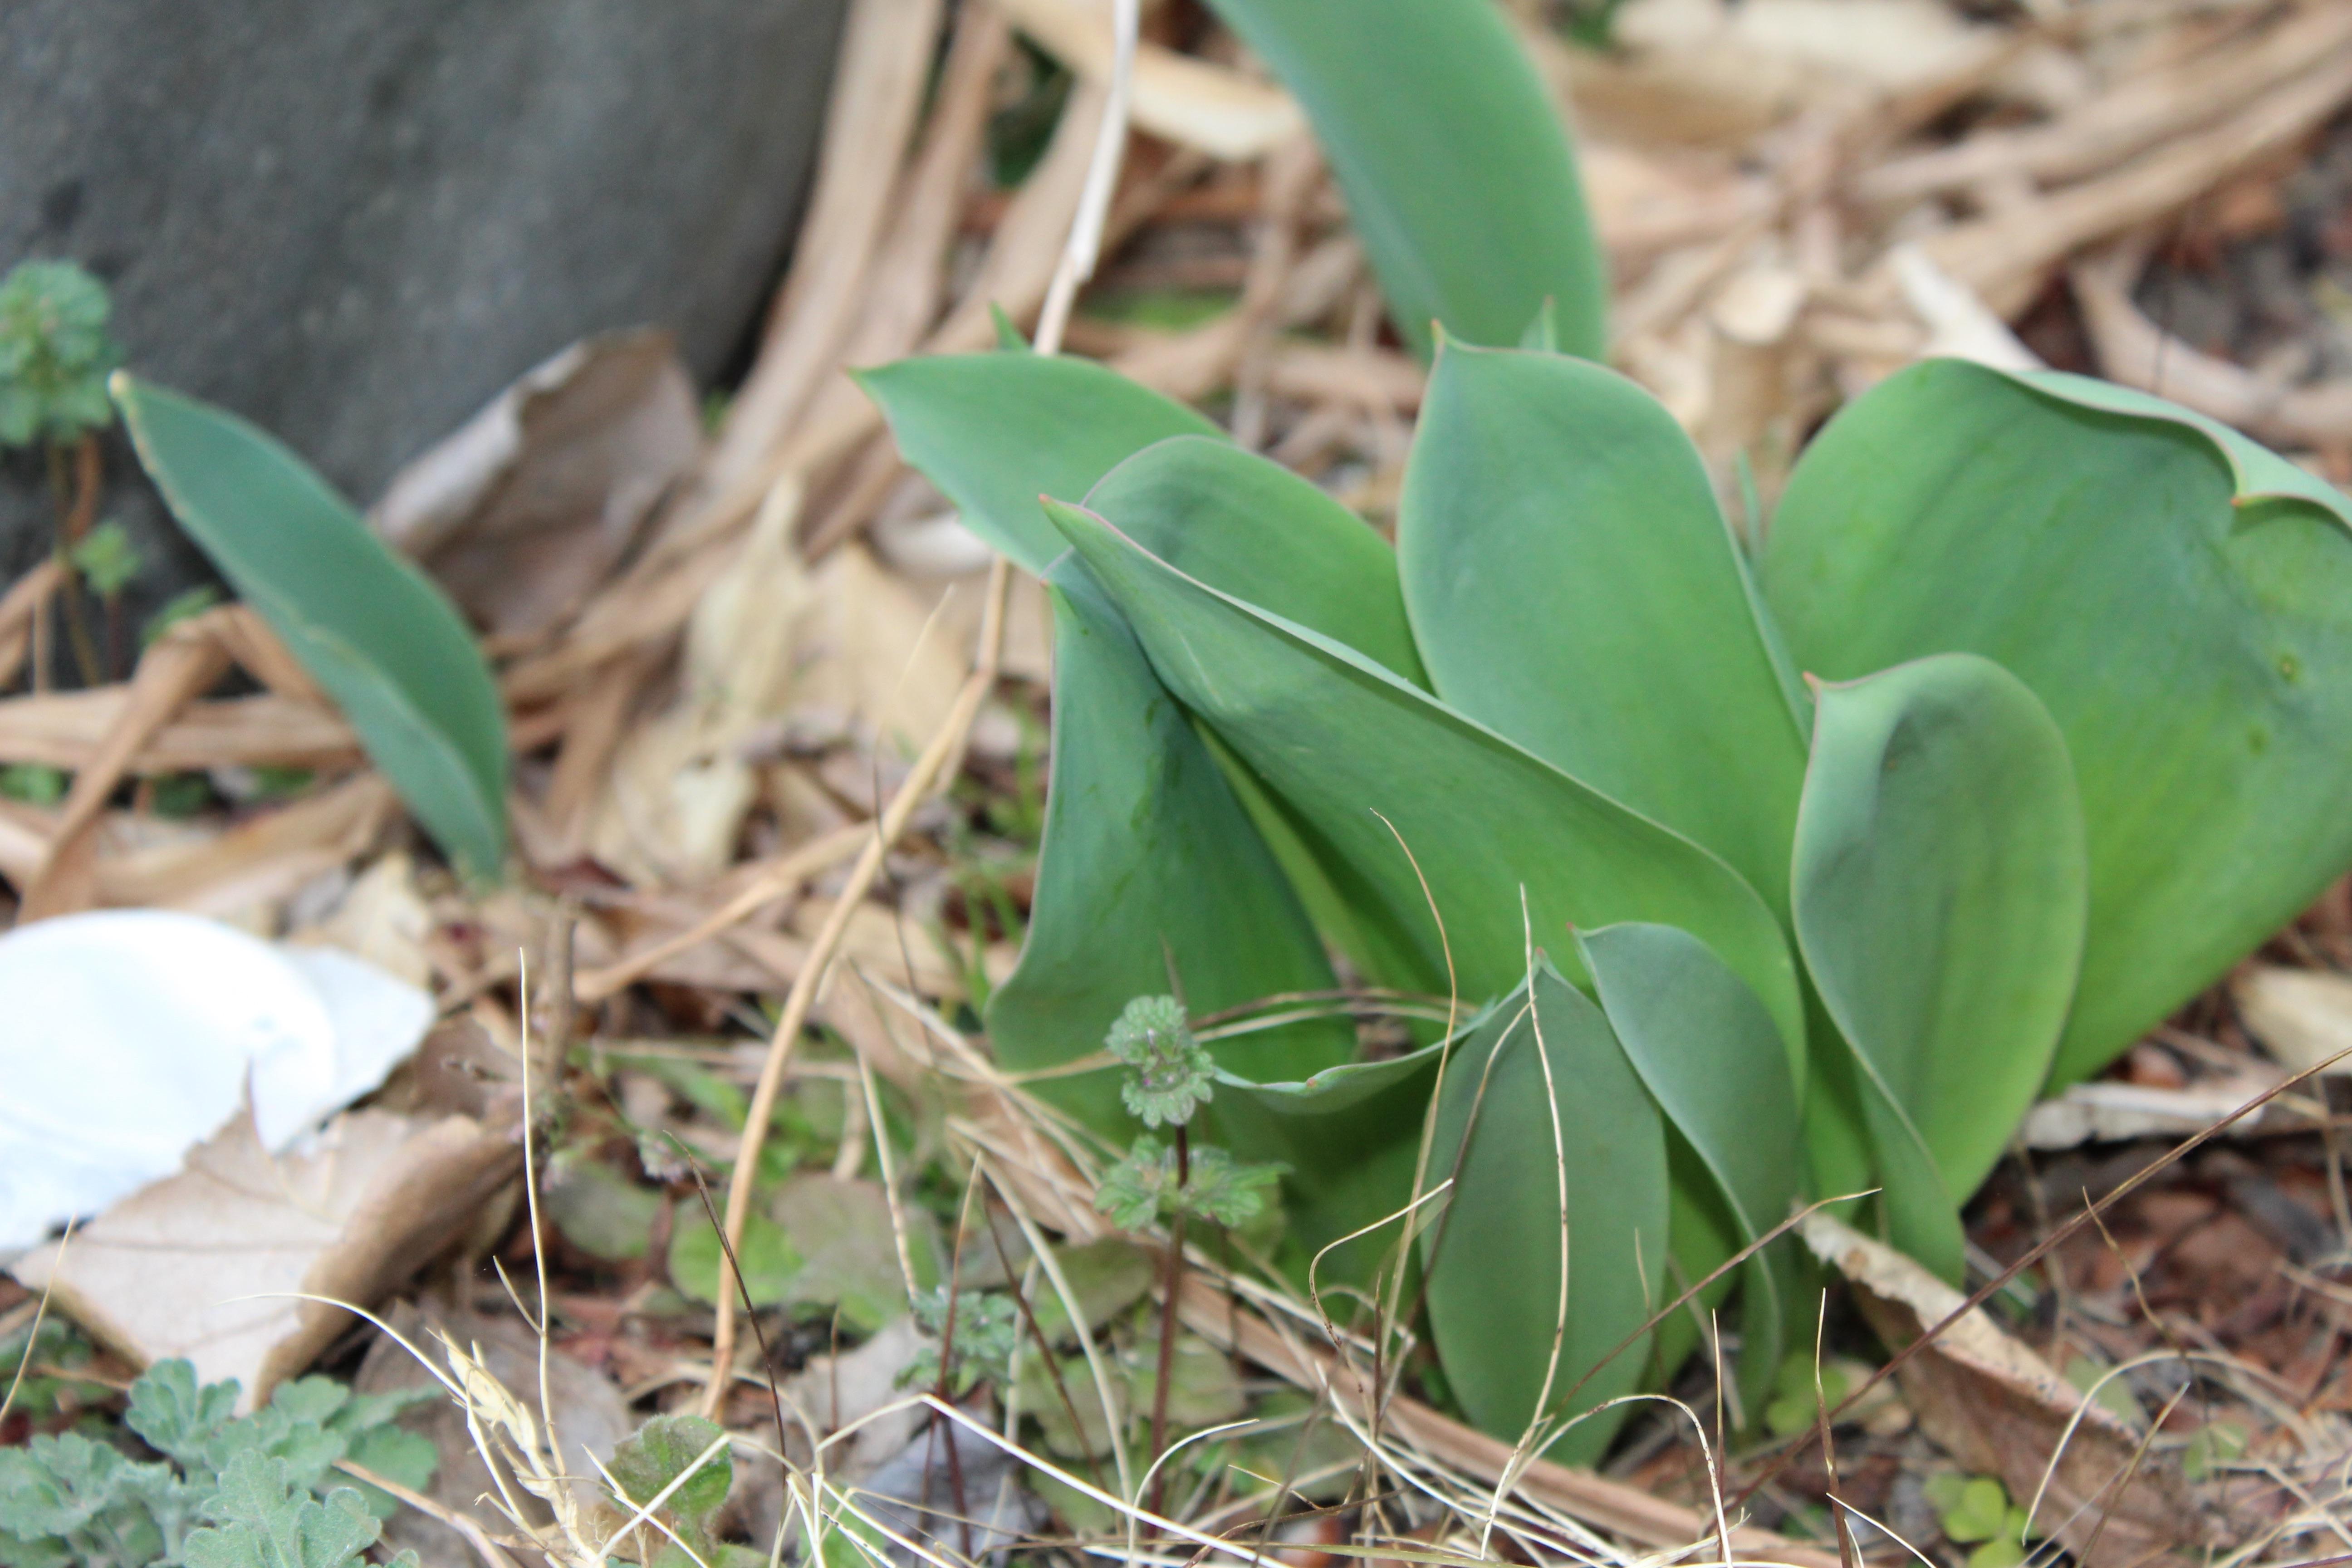 今日の誕生花のチューリップは、一気に葉を伸ばしてきました。